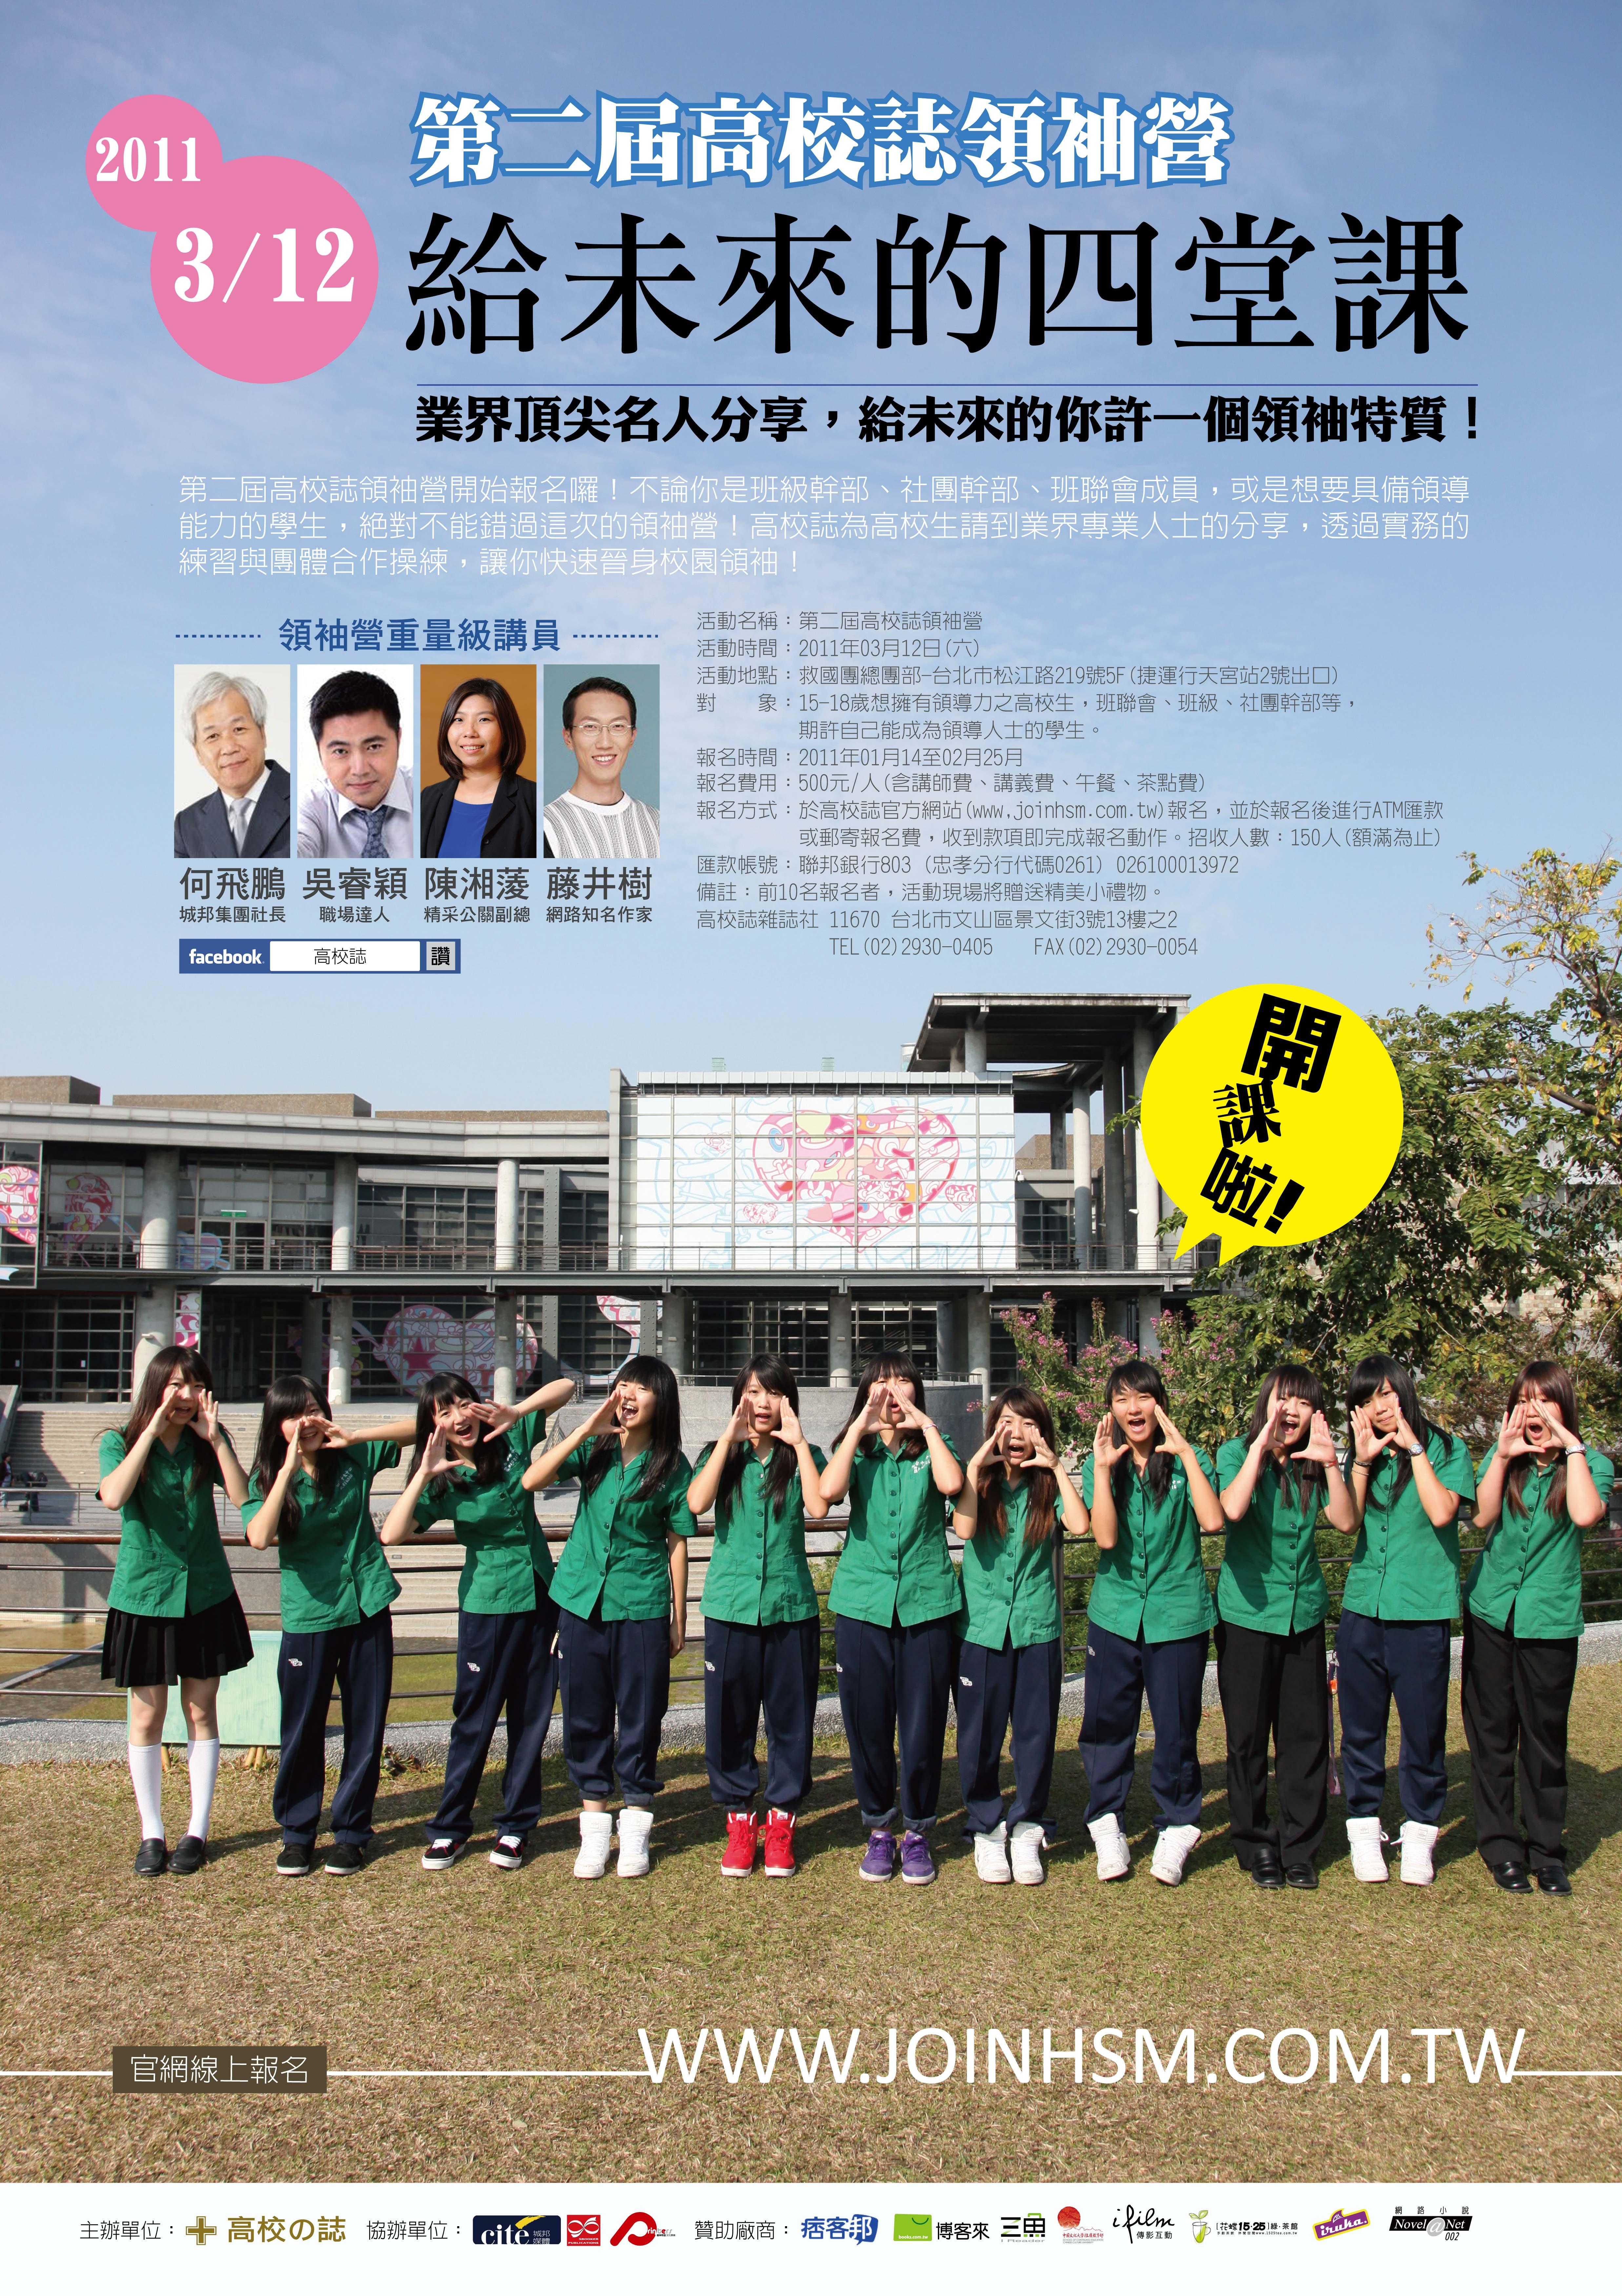 高校形象海報0128.jpg